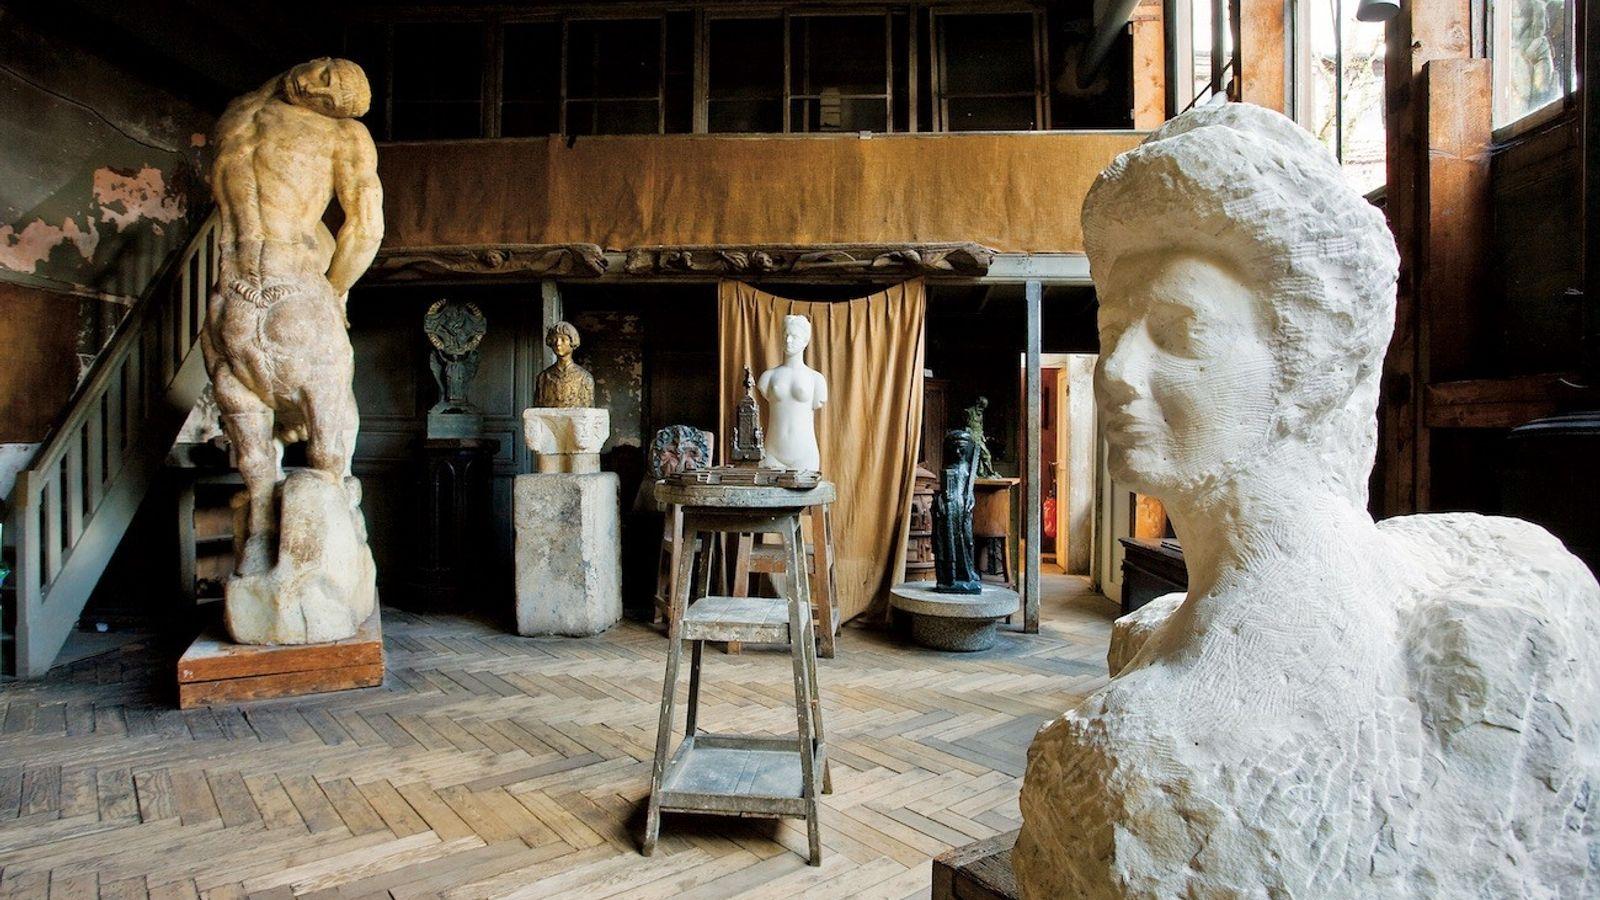 Inside Musée Bourdelle, the former studio of sculptor Antoine Bourdelle.